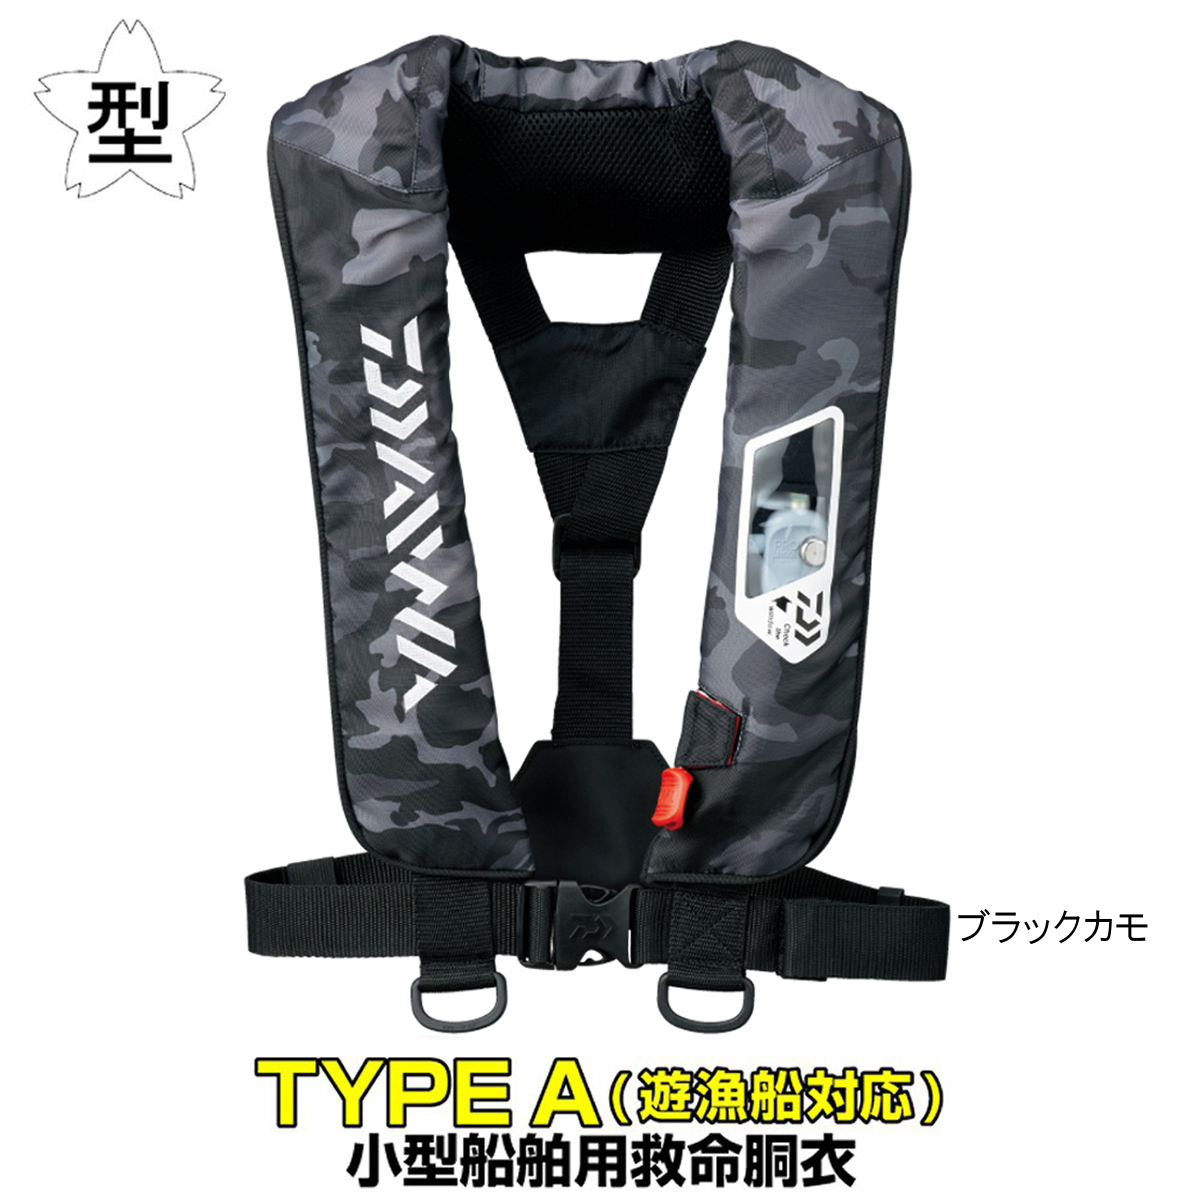 ダイワ ウォッシャブルライフジャケット(肩掛けタイプ手動・自動膨脹式) DF-2007 ブラックカモ ※遊漁船対応